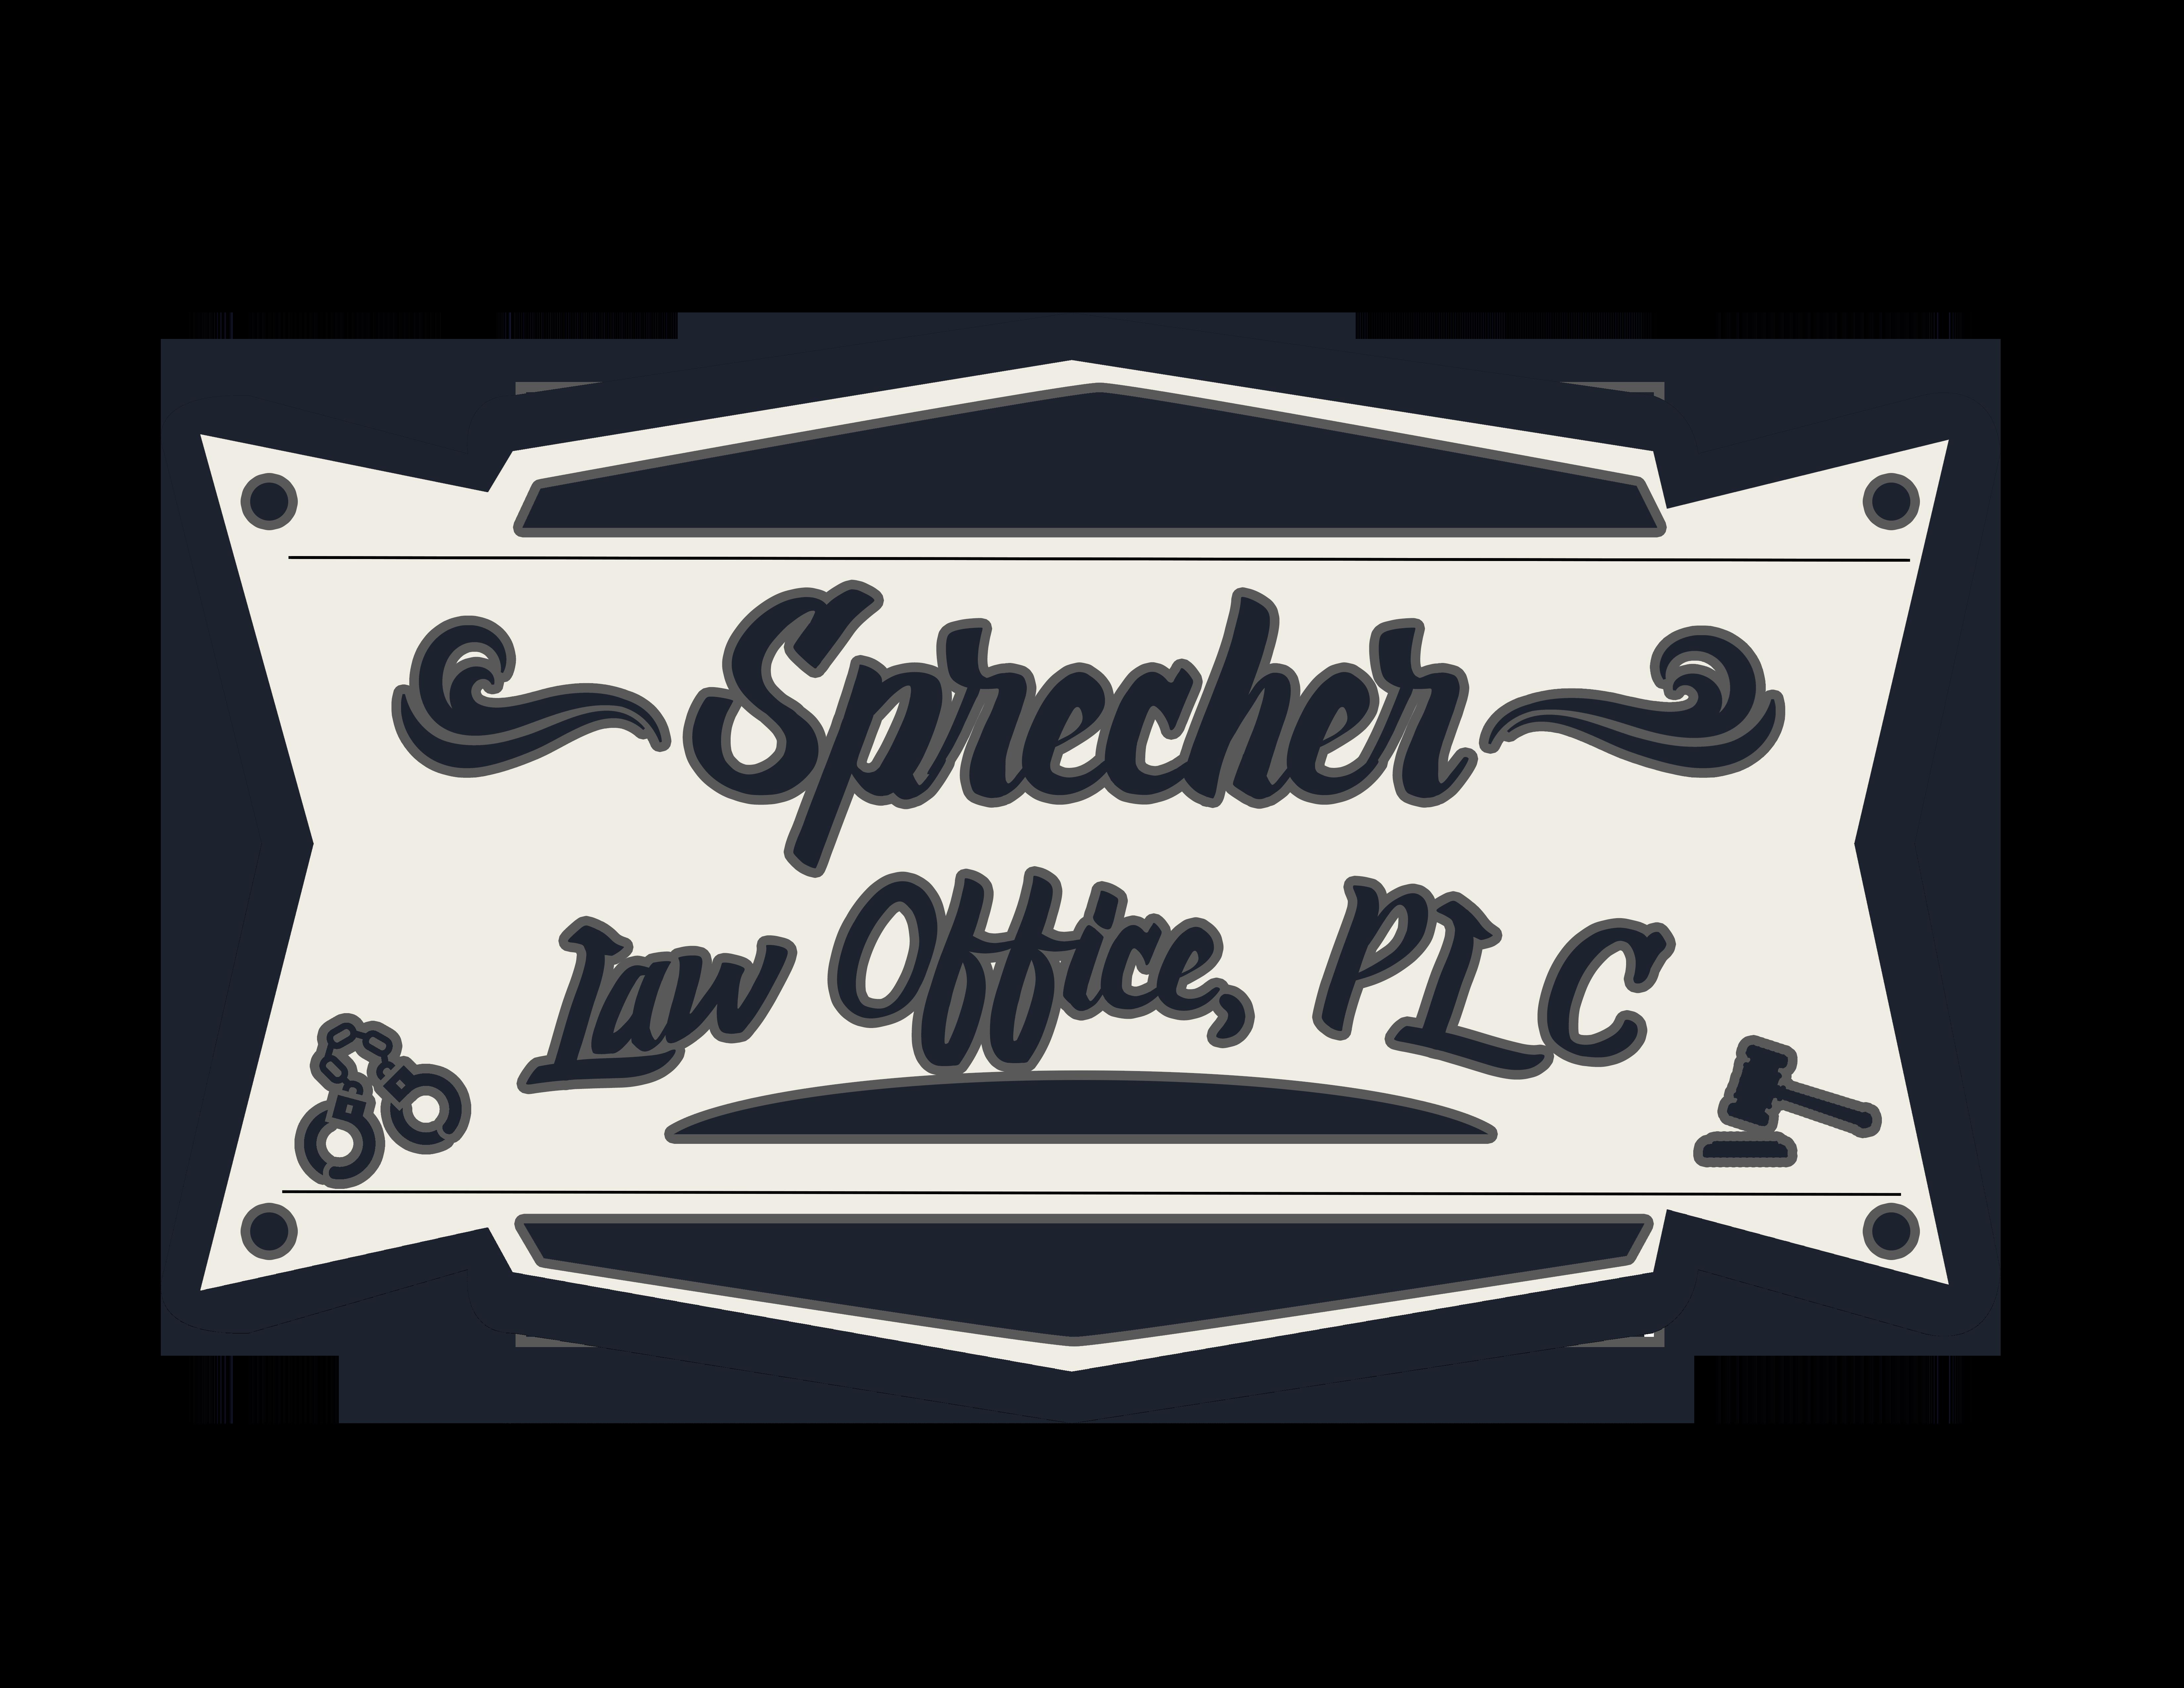 Sprecher Law Office PLC